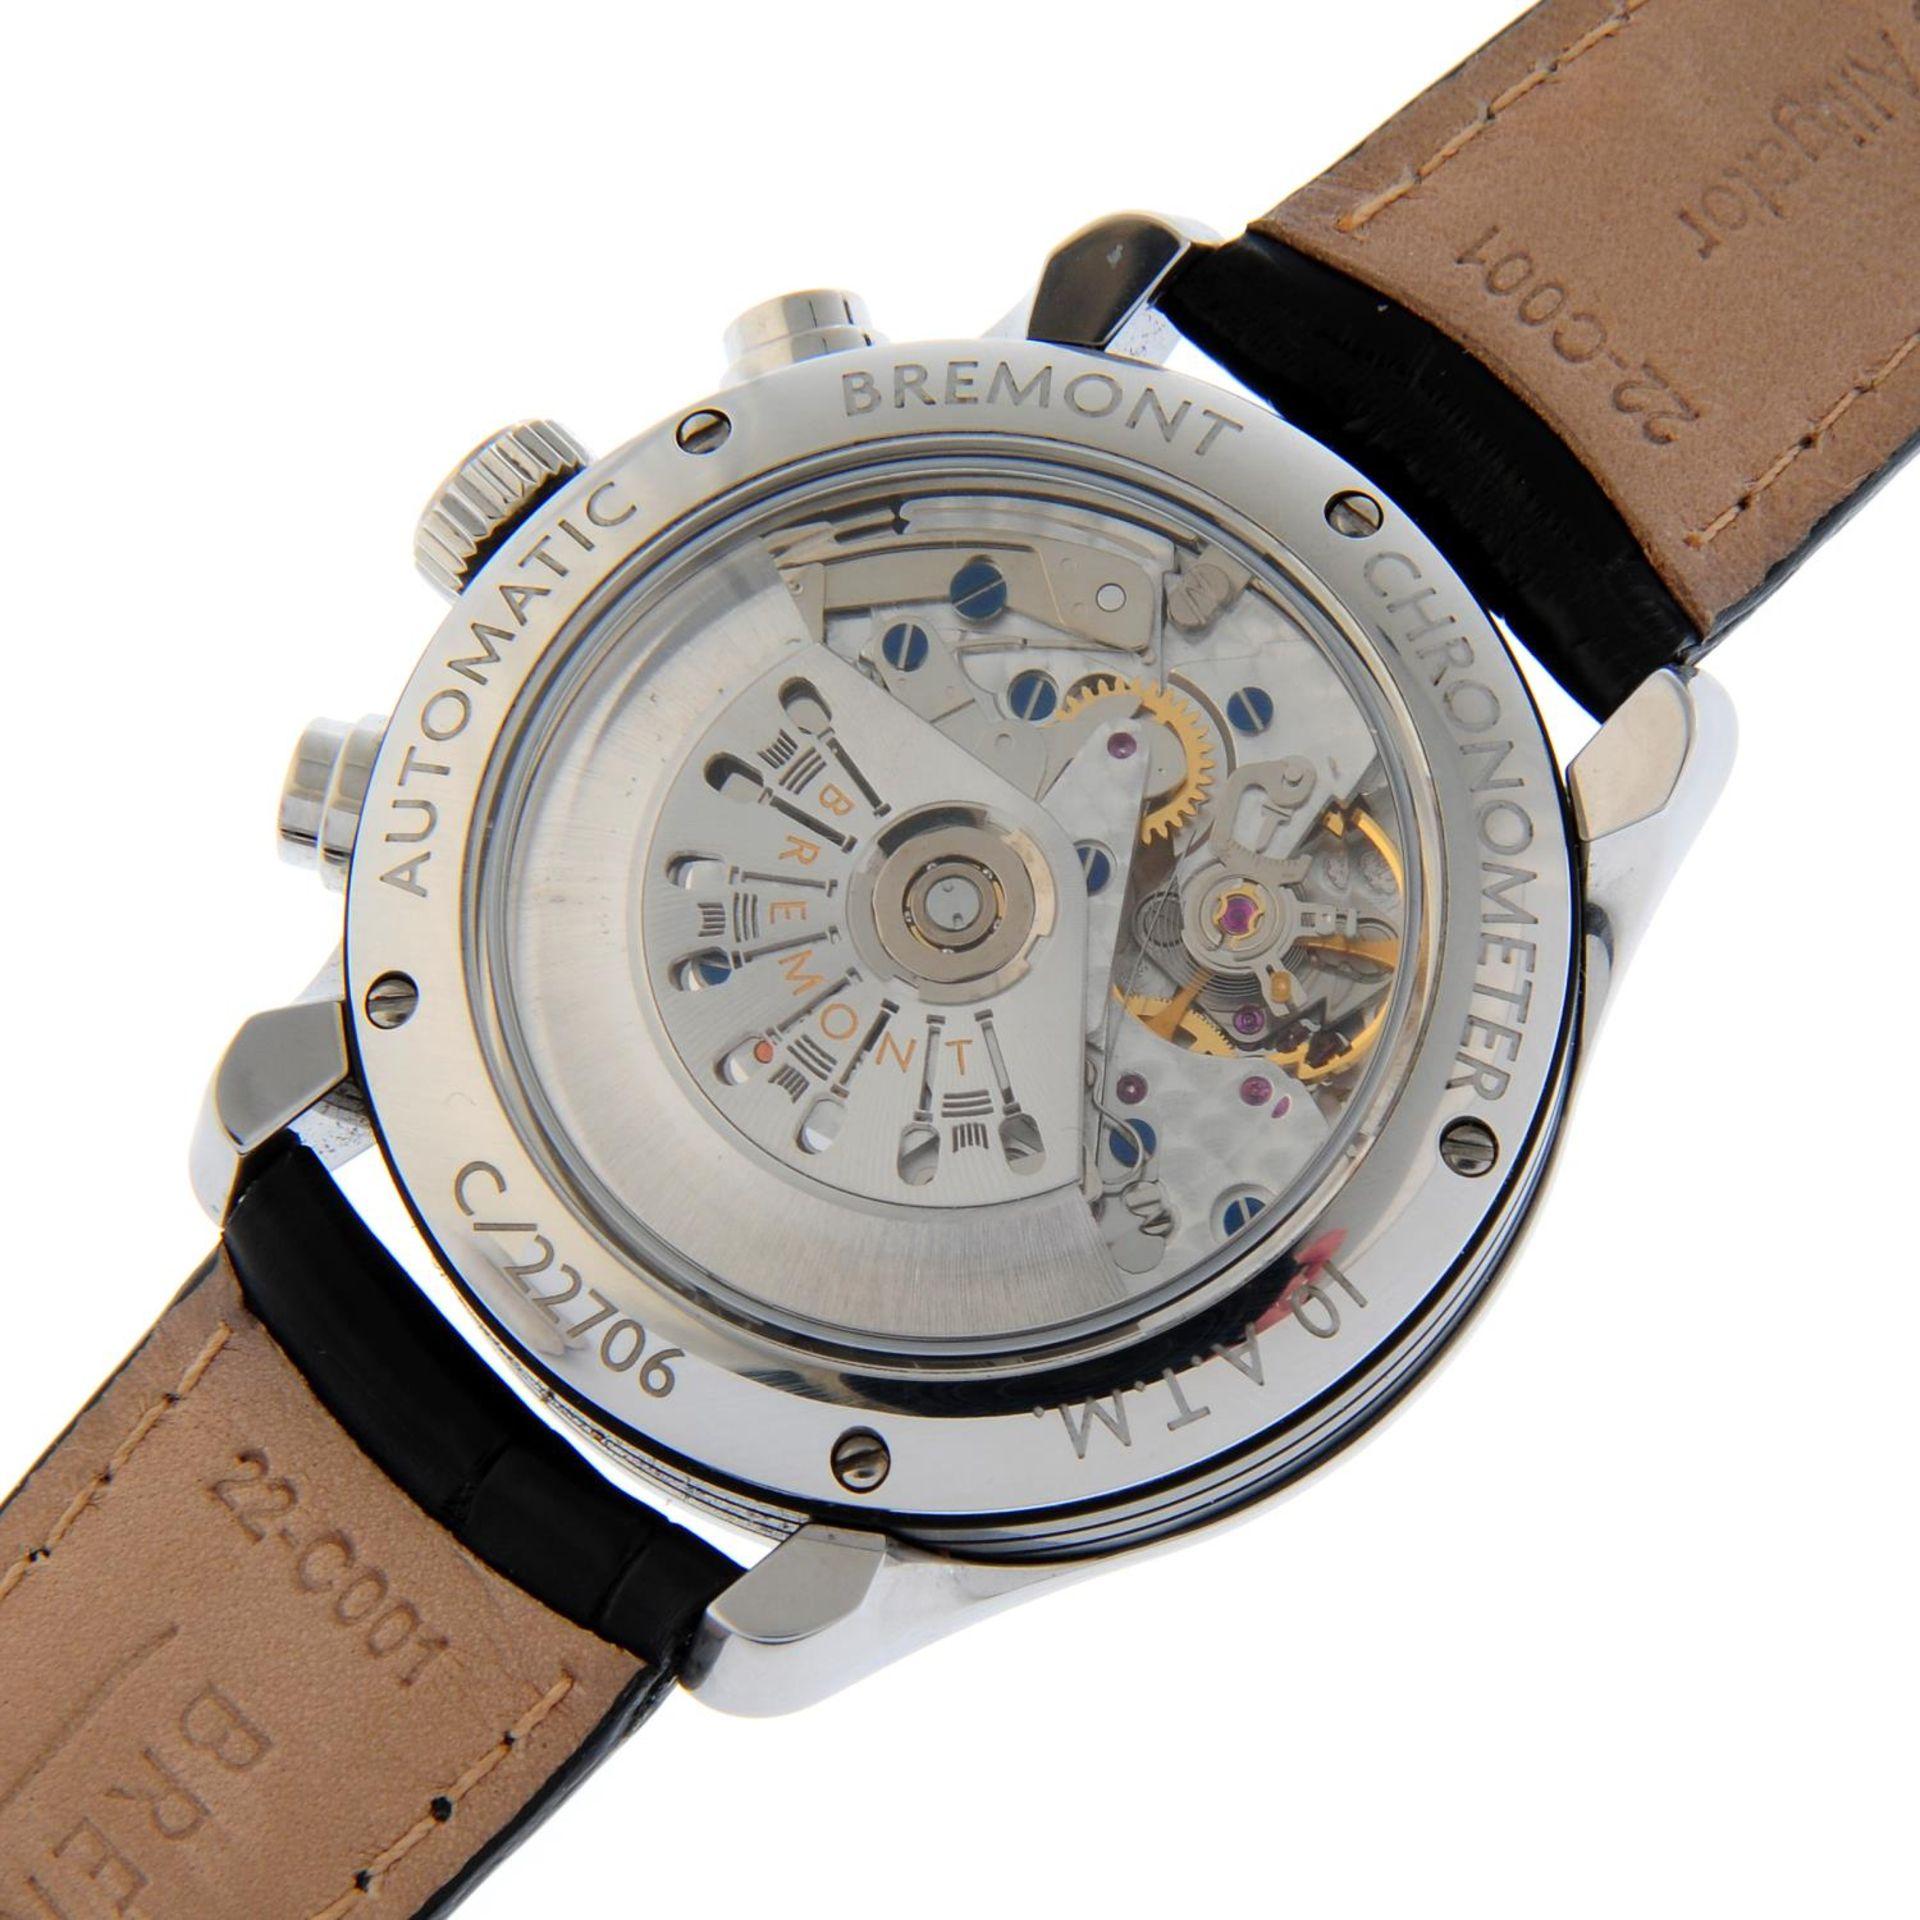 BREMONT - an ALT1-C wrist watch. - Bild 5 aus 5